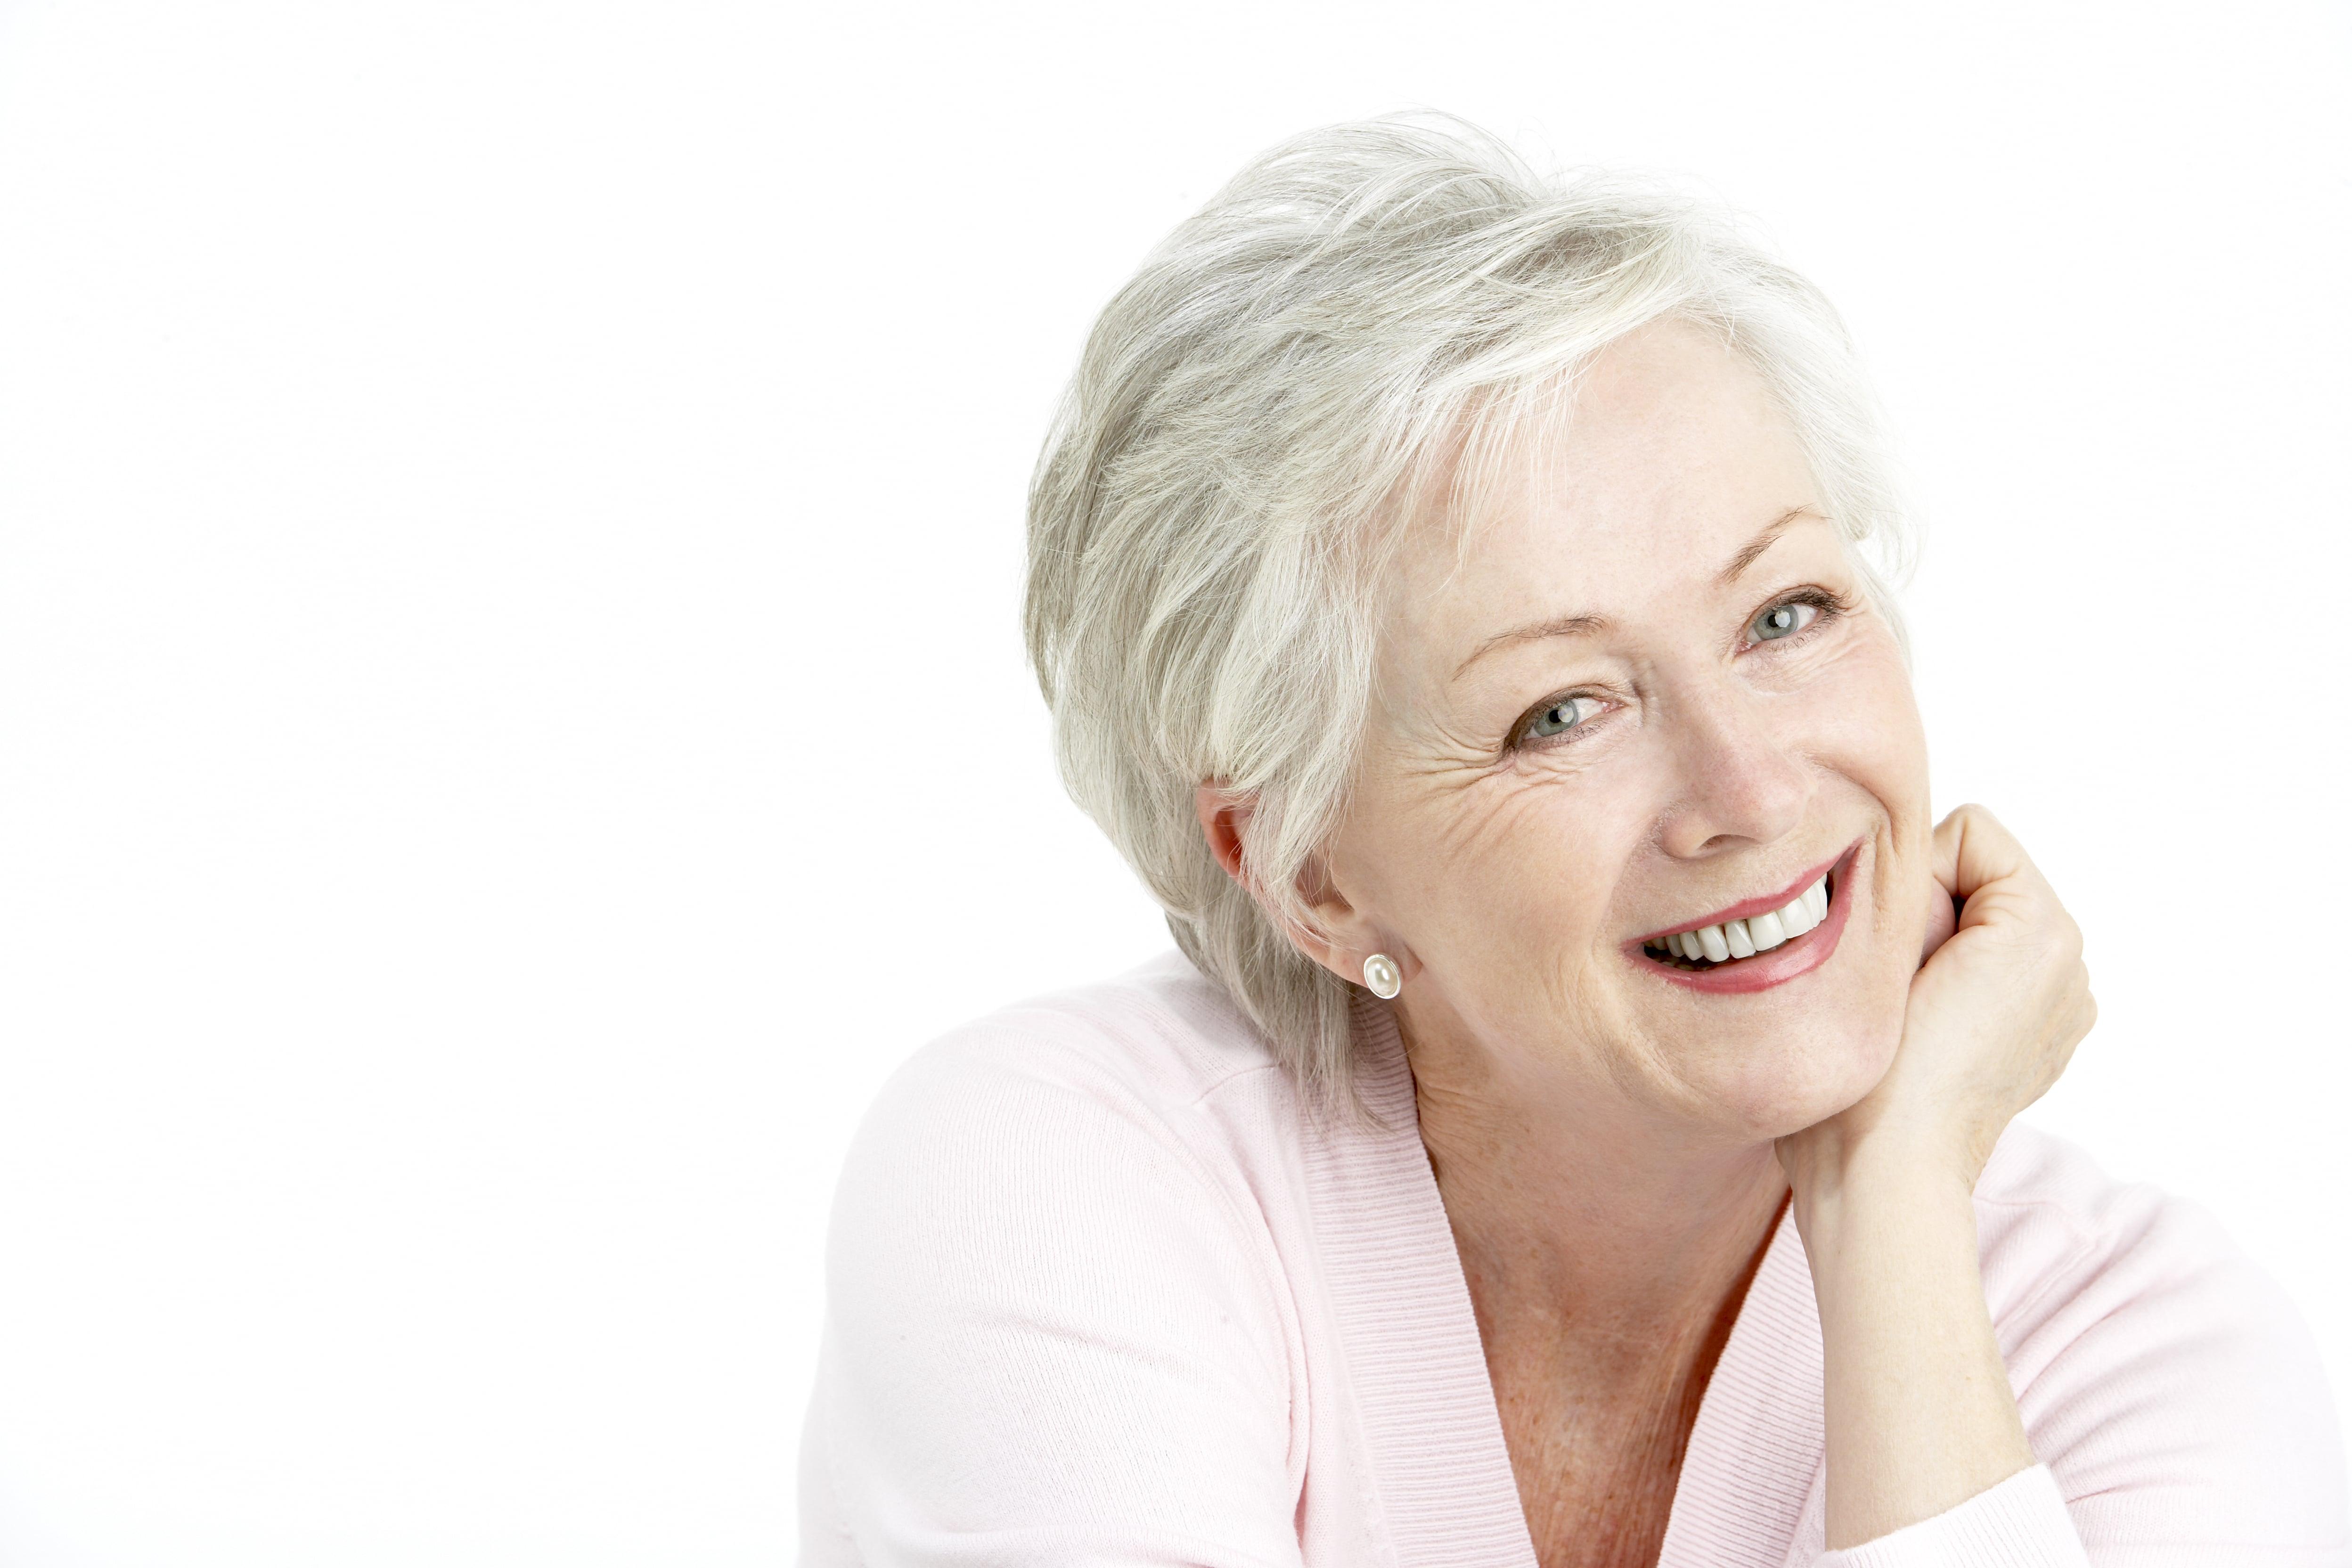 Фото красивых женщин за 60, Зрелые голые женщины 40-60 лет: старые, но не 28 фотография